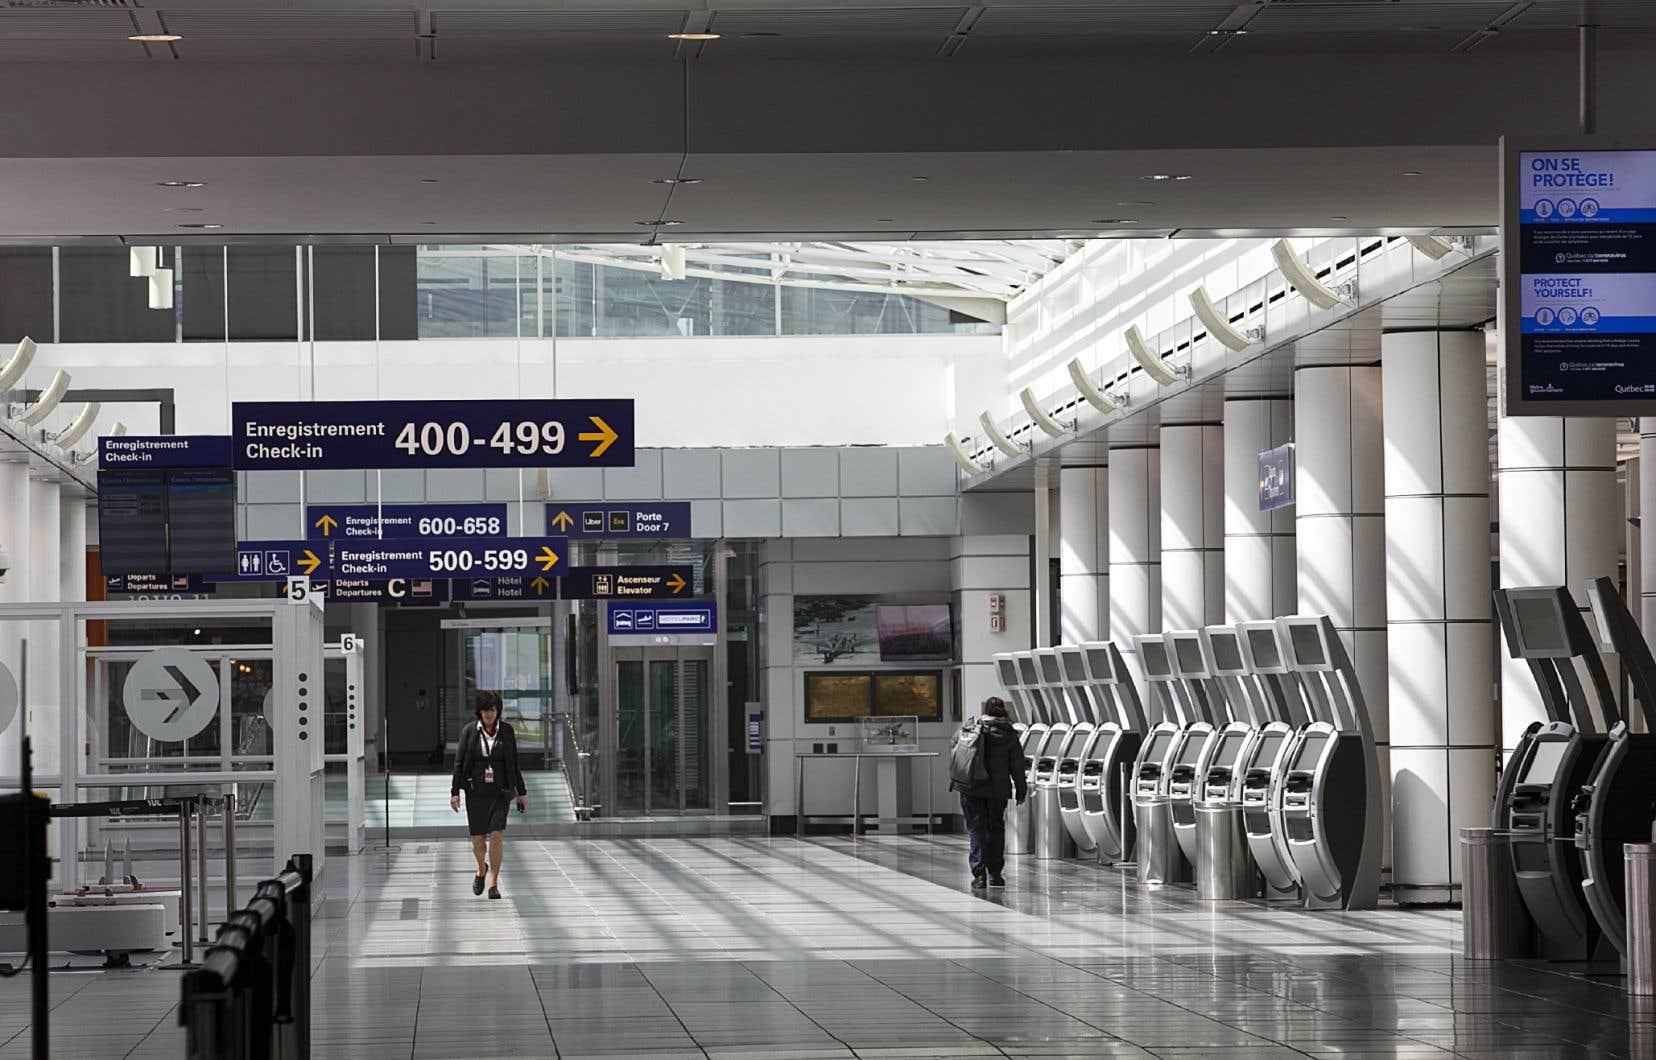 L'OTC estime toujours que les offres de crédits de voyage peuvent représenter une approche «raisonnable» en cette période de crise.